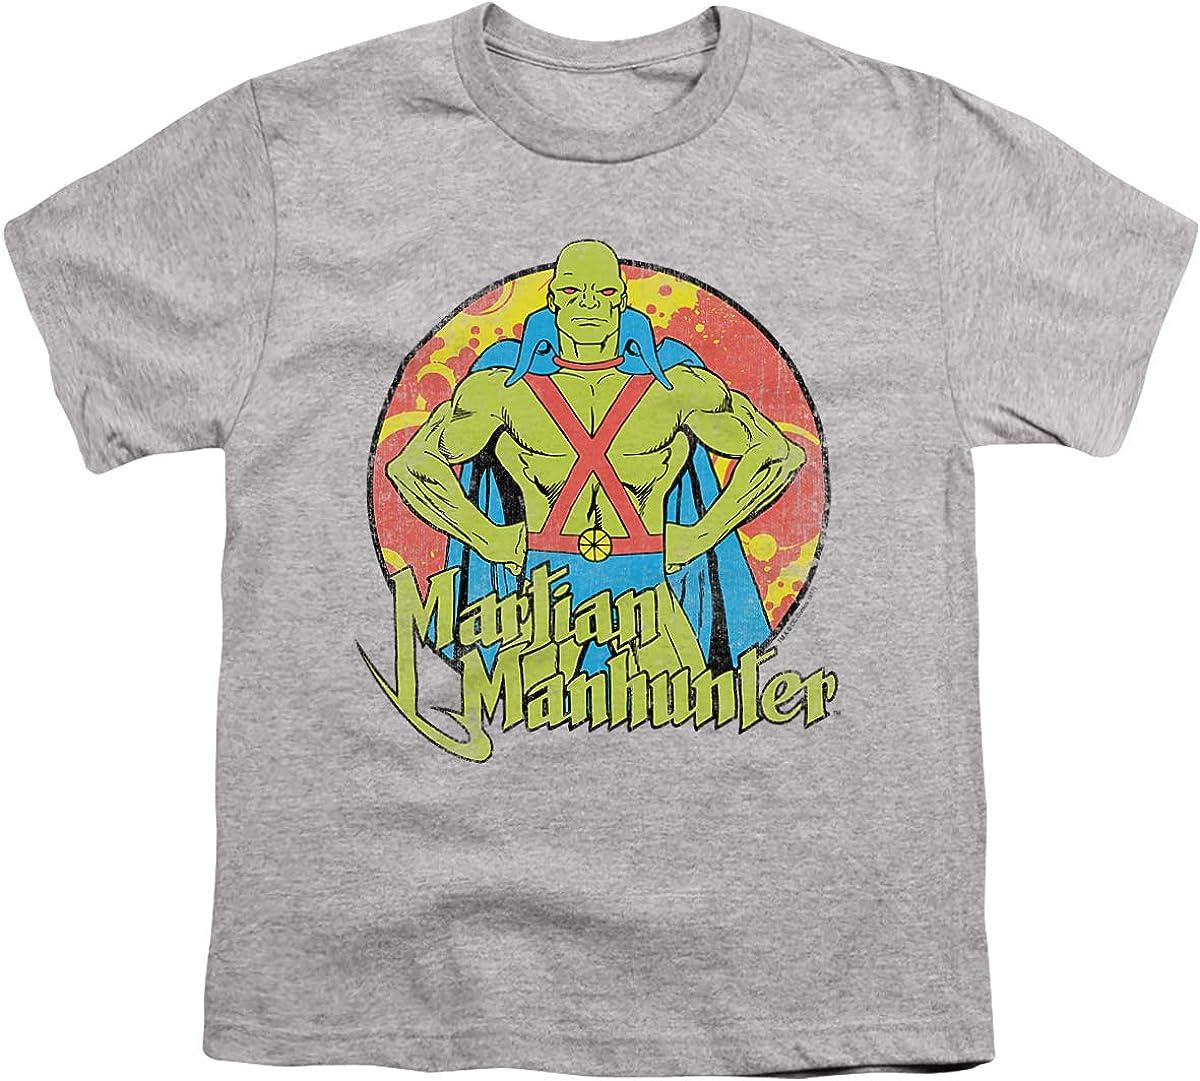 DC Martian Manhunter Unisex Youth T Shirt, Athletic Heather, X-Large